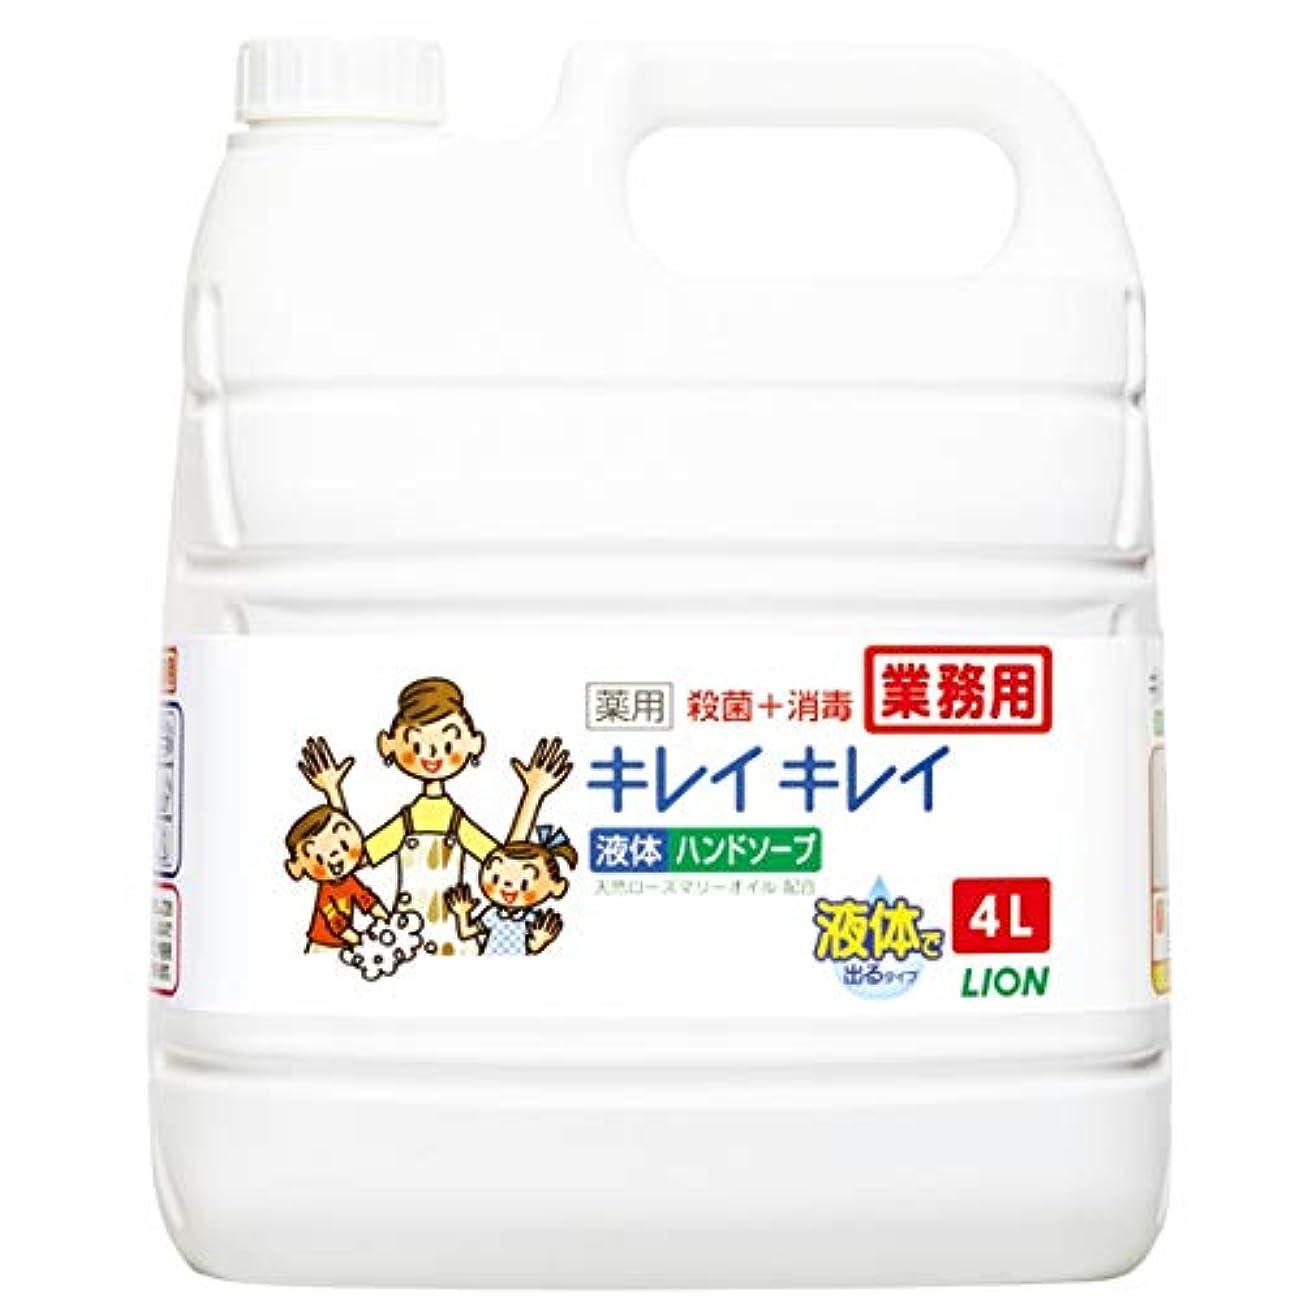 外観ご近所膨らませる【業務用 大容量】キレイキレイ 薬用 ハンドソープ  4L(医薬部外品)